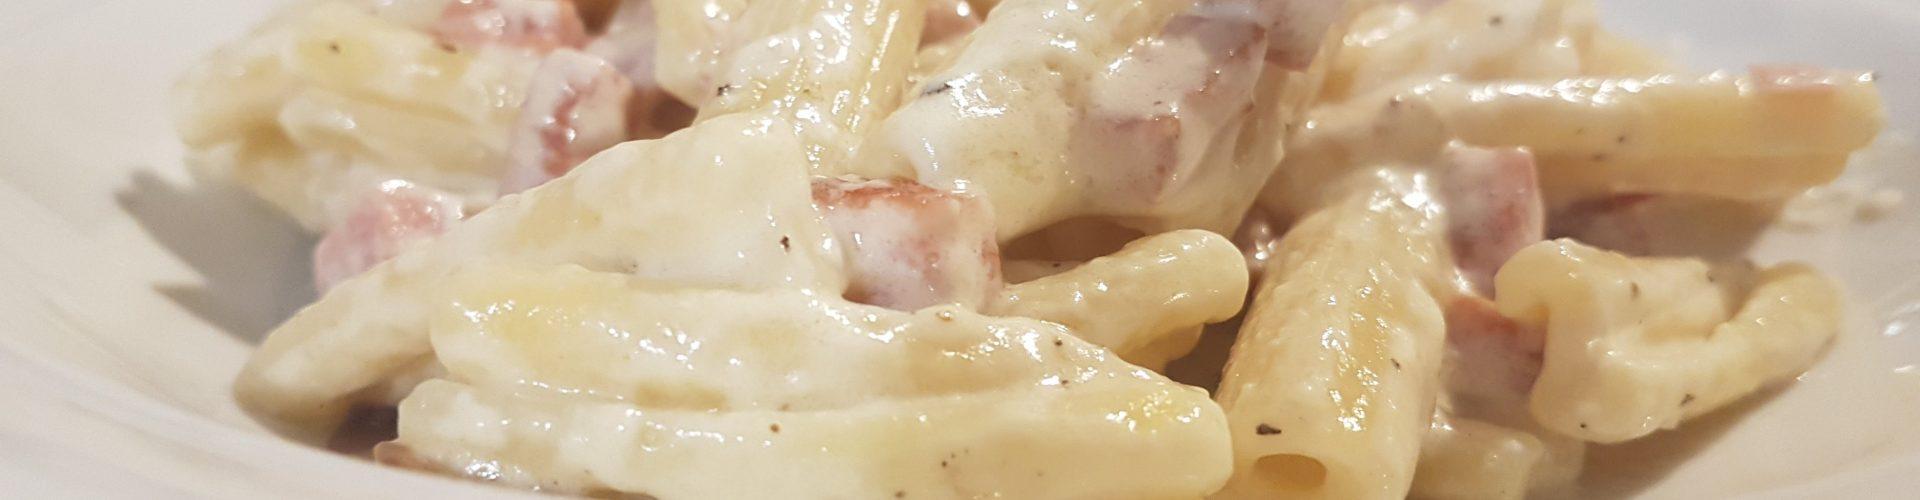 Pasta profumata al prosciutto cotto, panna ed erbette